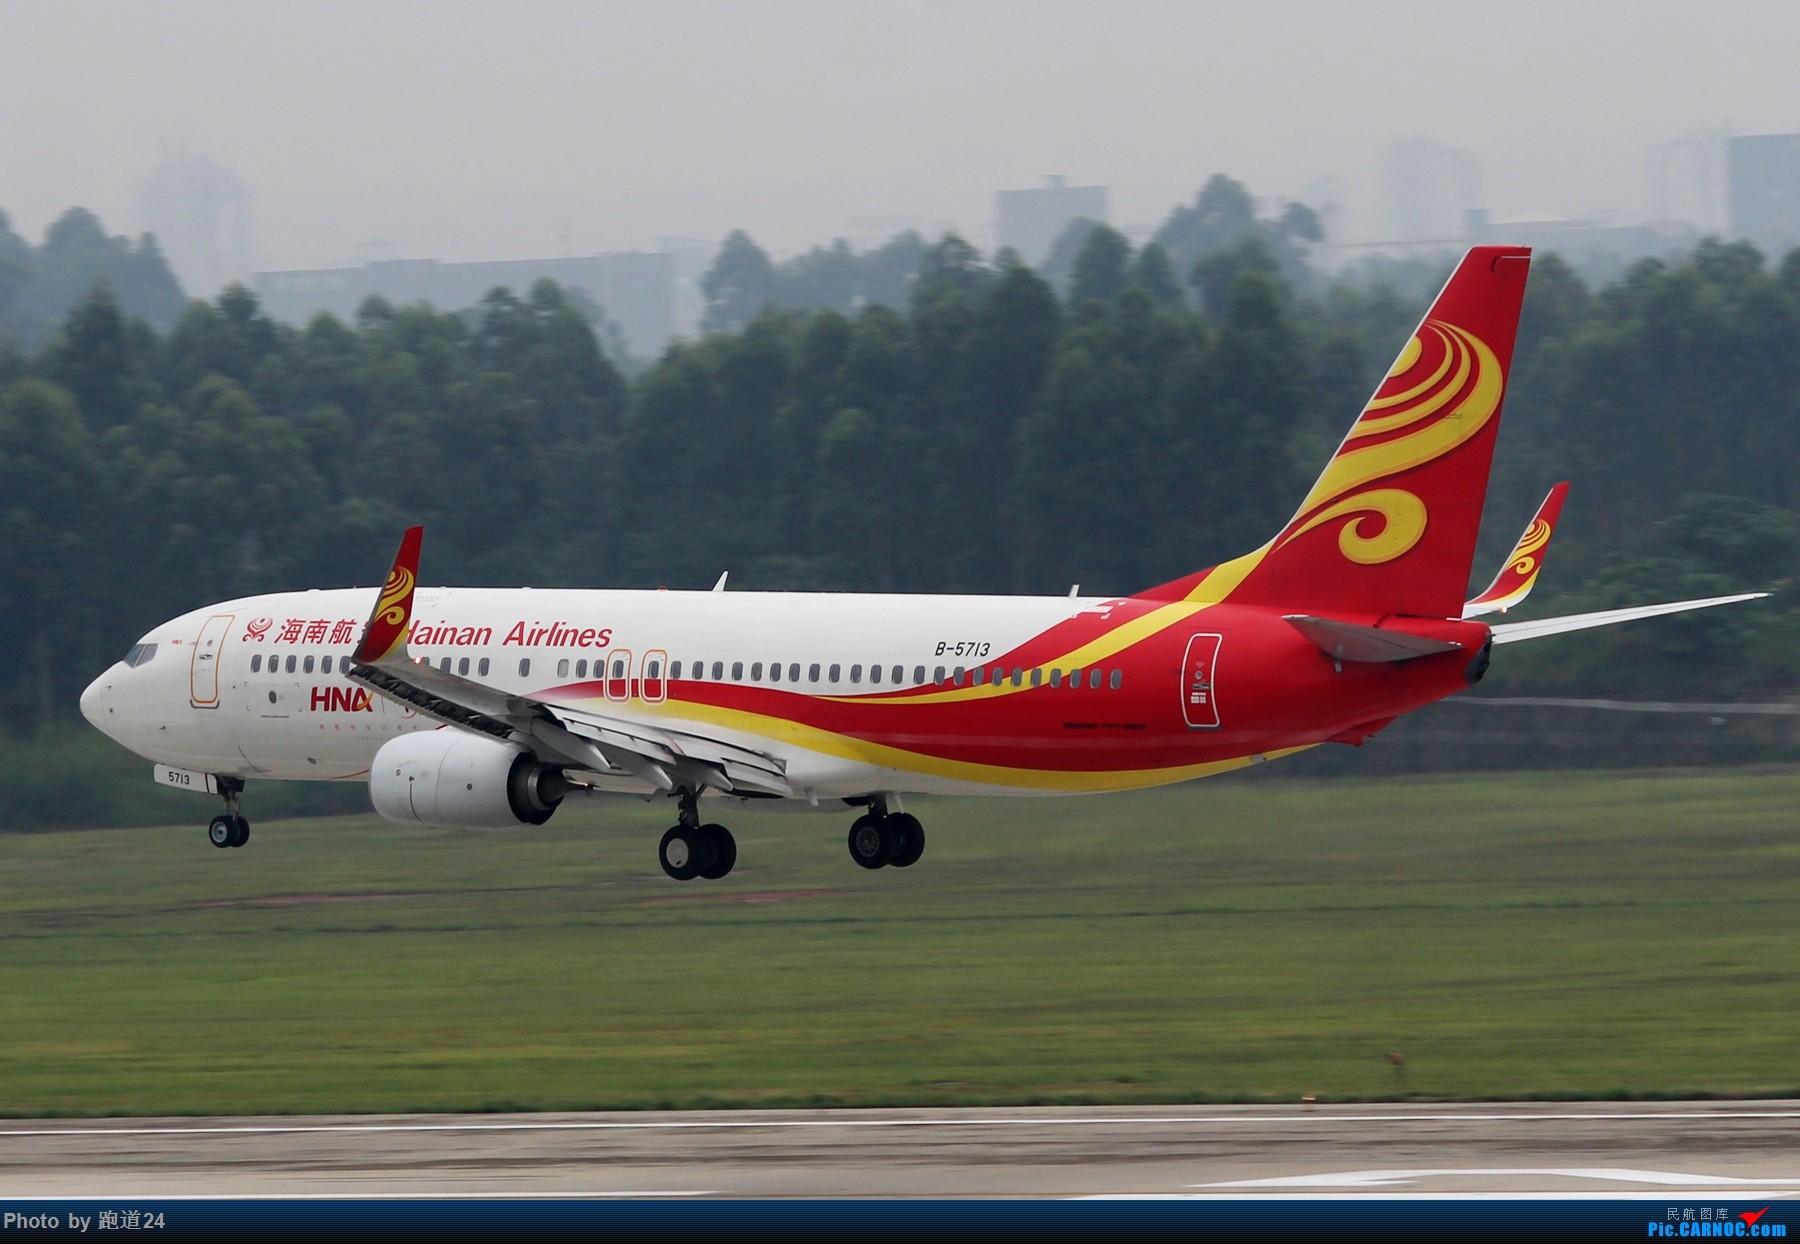 [原创]【多图党】海航738 1800*1200 BOEING 737-800 B-5713 中国成都双流国际机场